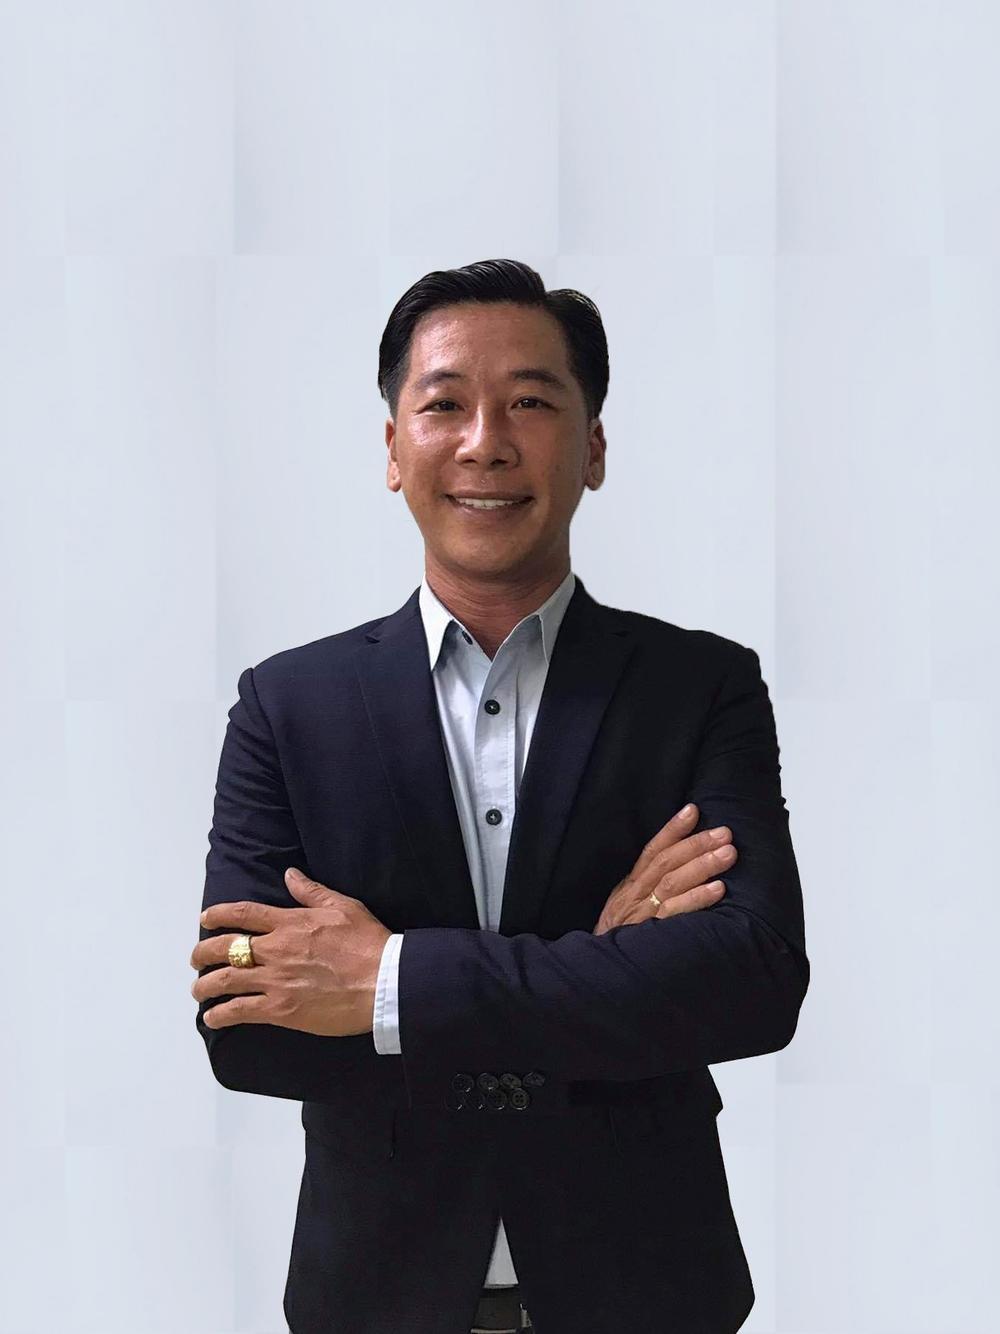 CEO Trần Lưu Bảo Đại: 'Học hỏi, làm việc đúng cách sẽ khai phá hết sức mạnh của bản thân' Ảnh 3